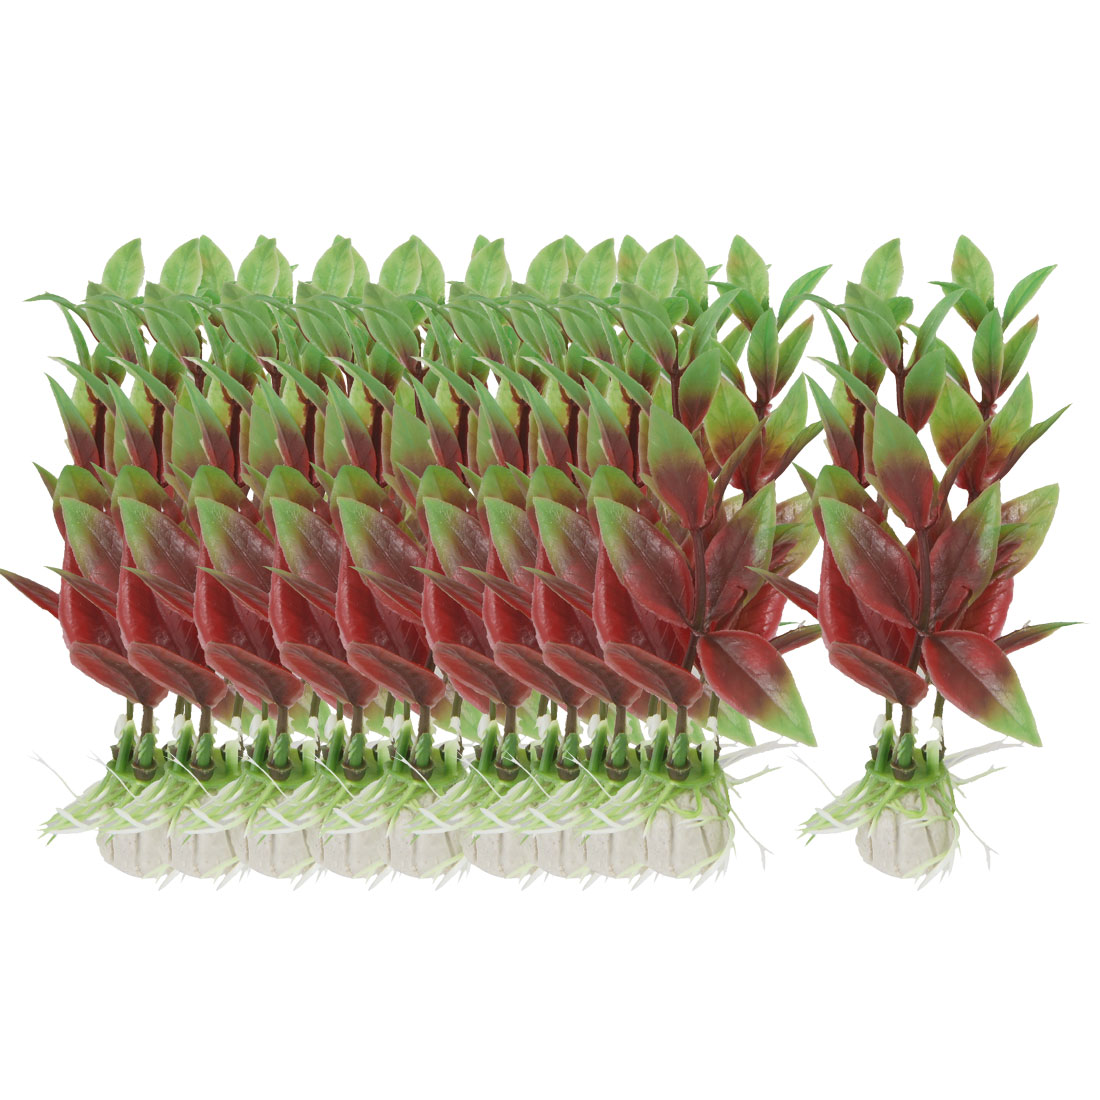 """10 Pcs 3.5"""" High Red Green Aquarium Decorative Simulation Aquatic Grasses"""